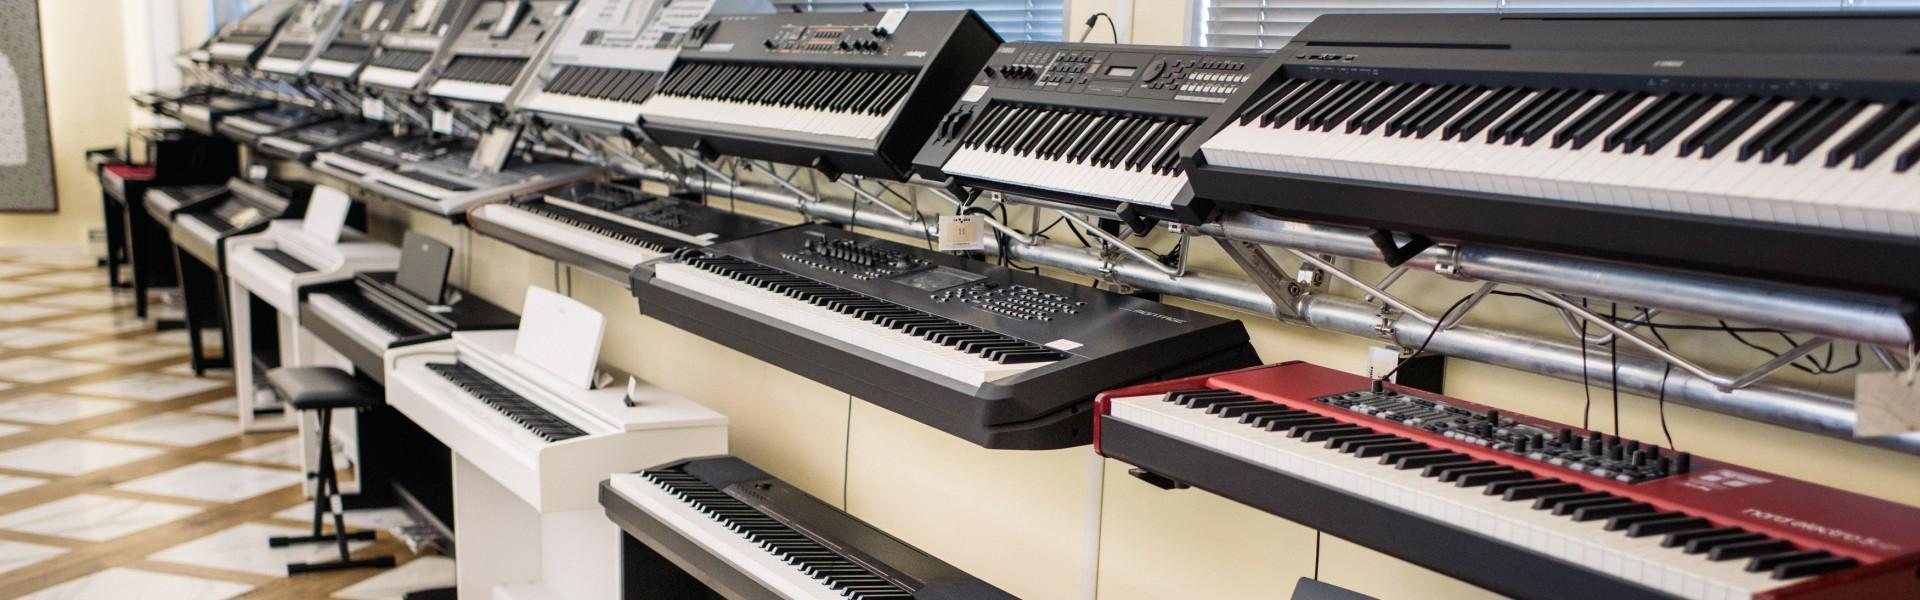 Pianoforti Elettrici